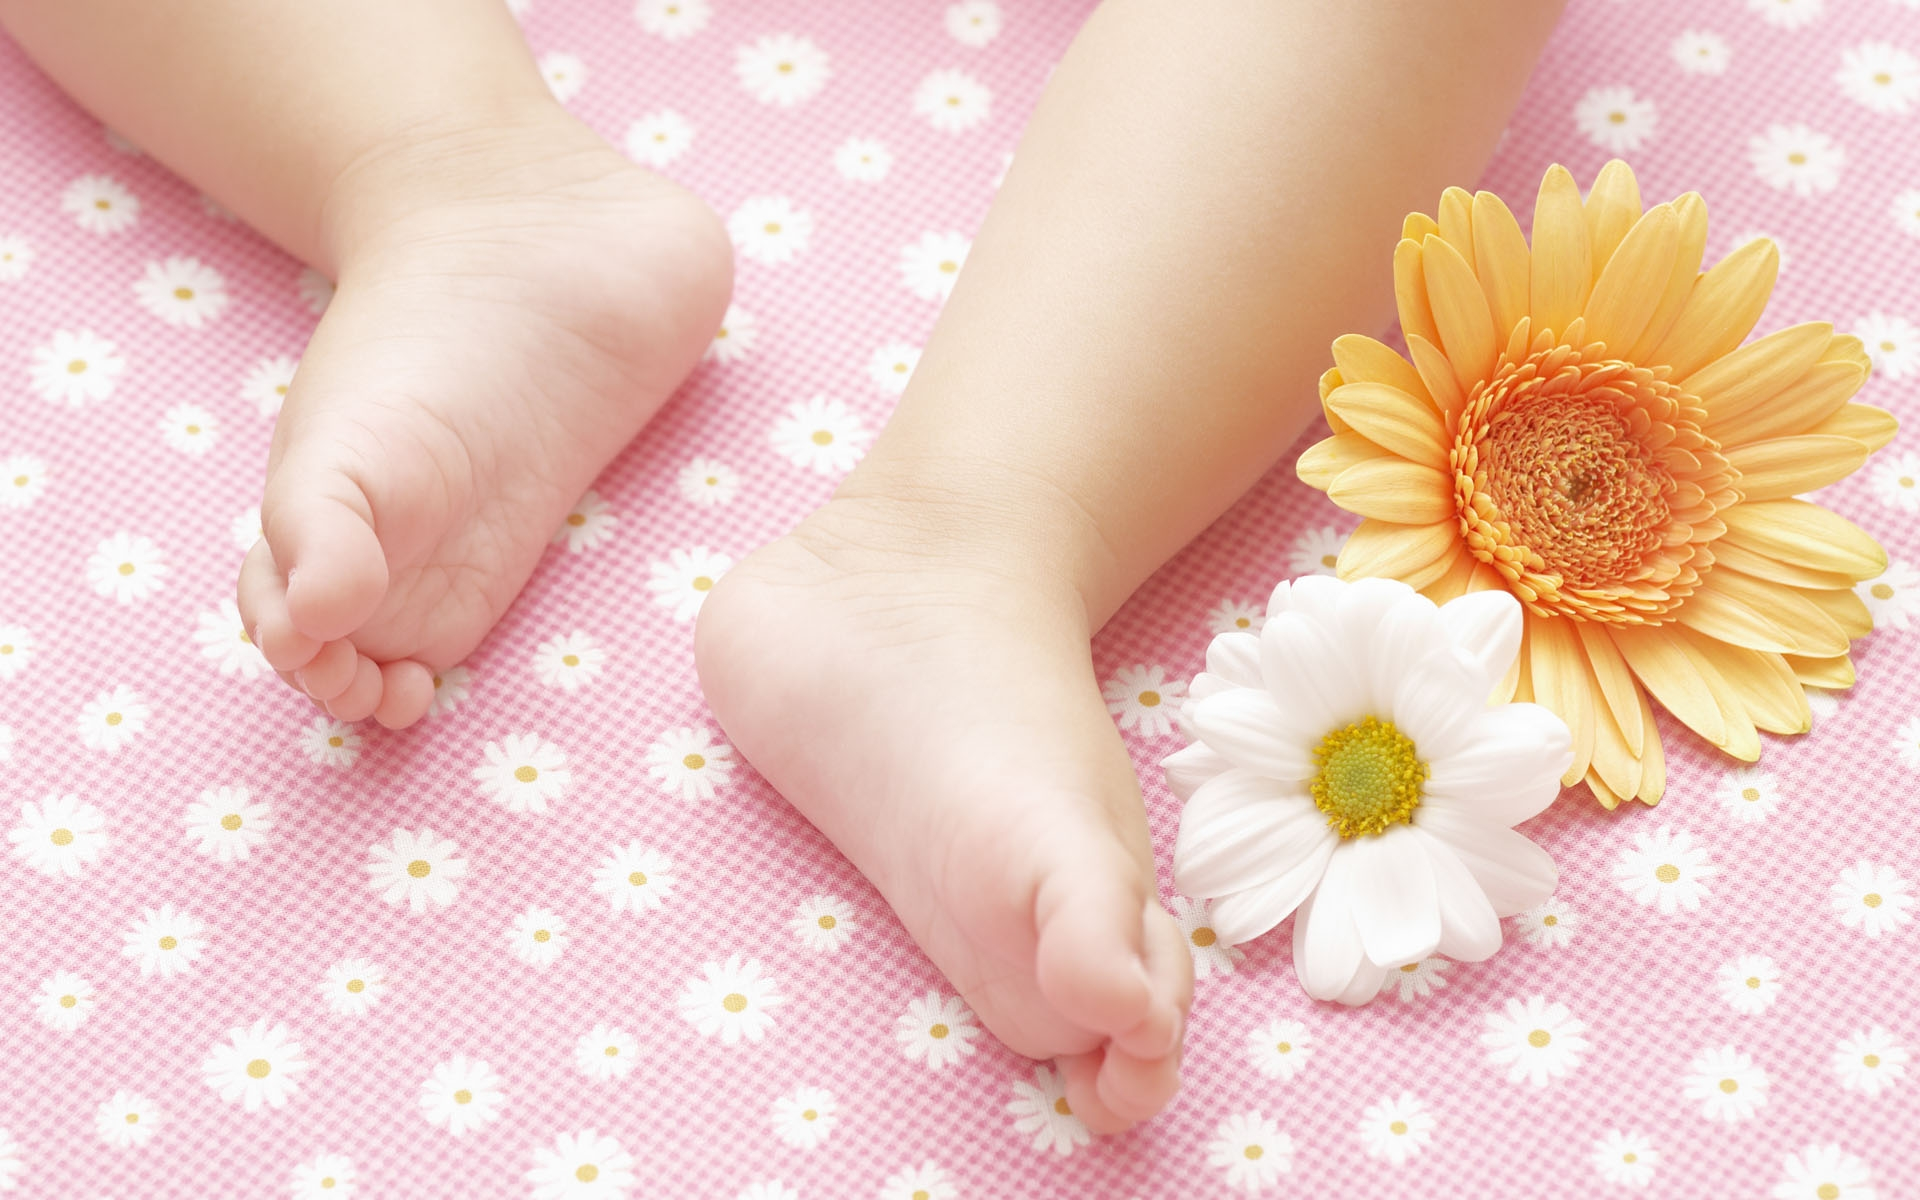 Fiori e piante da regalare per la nascita di un bambino